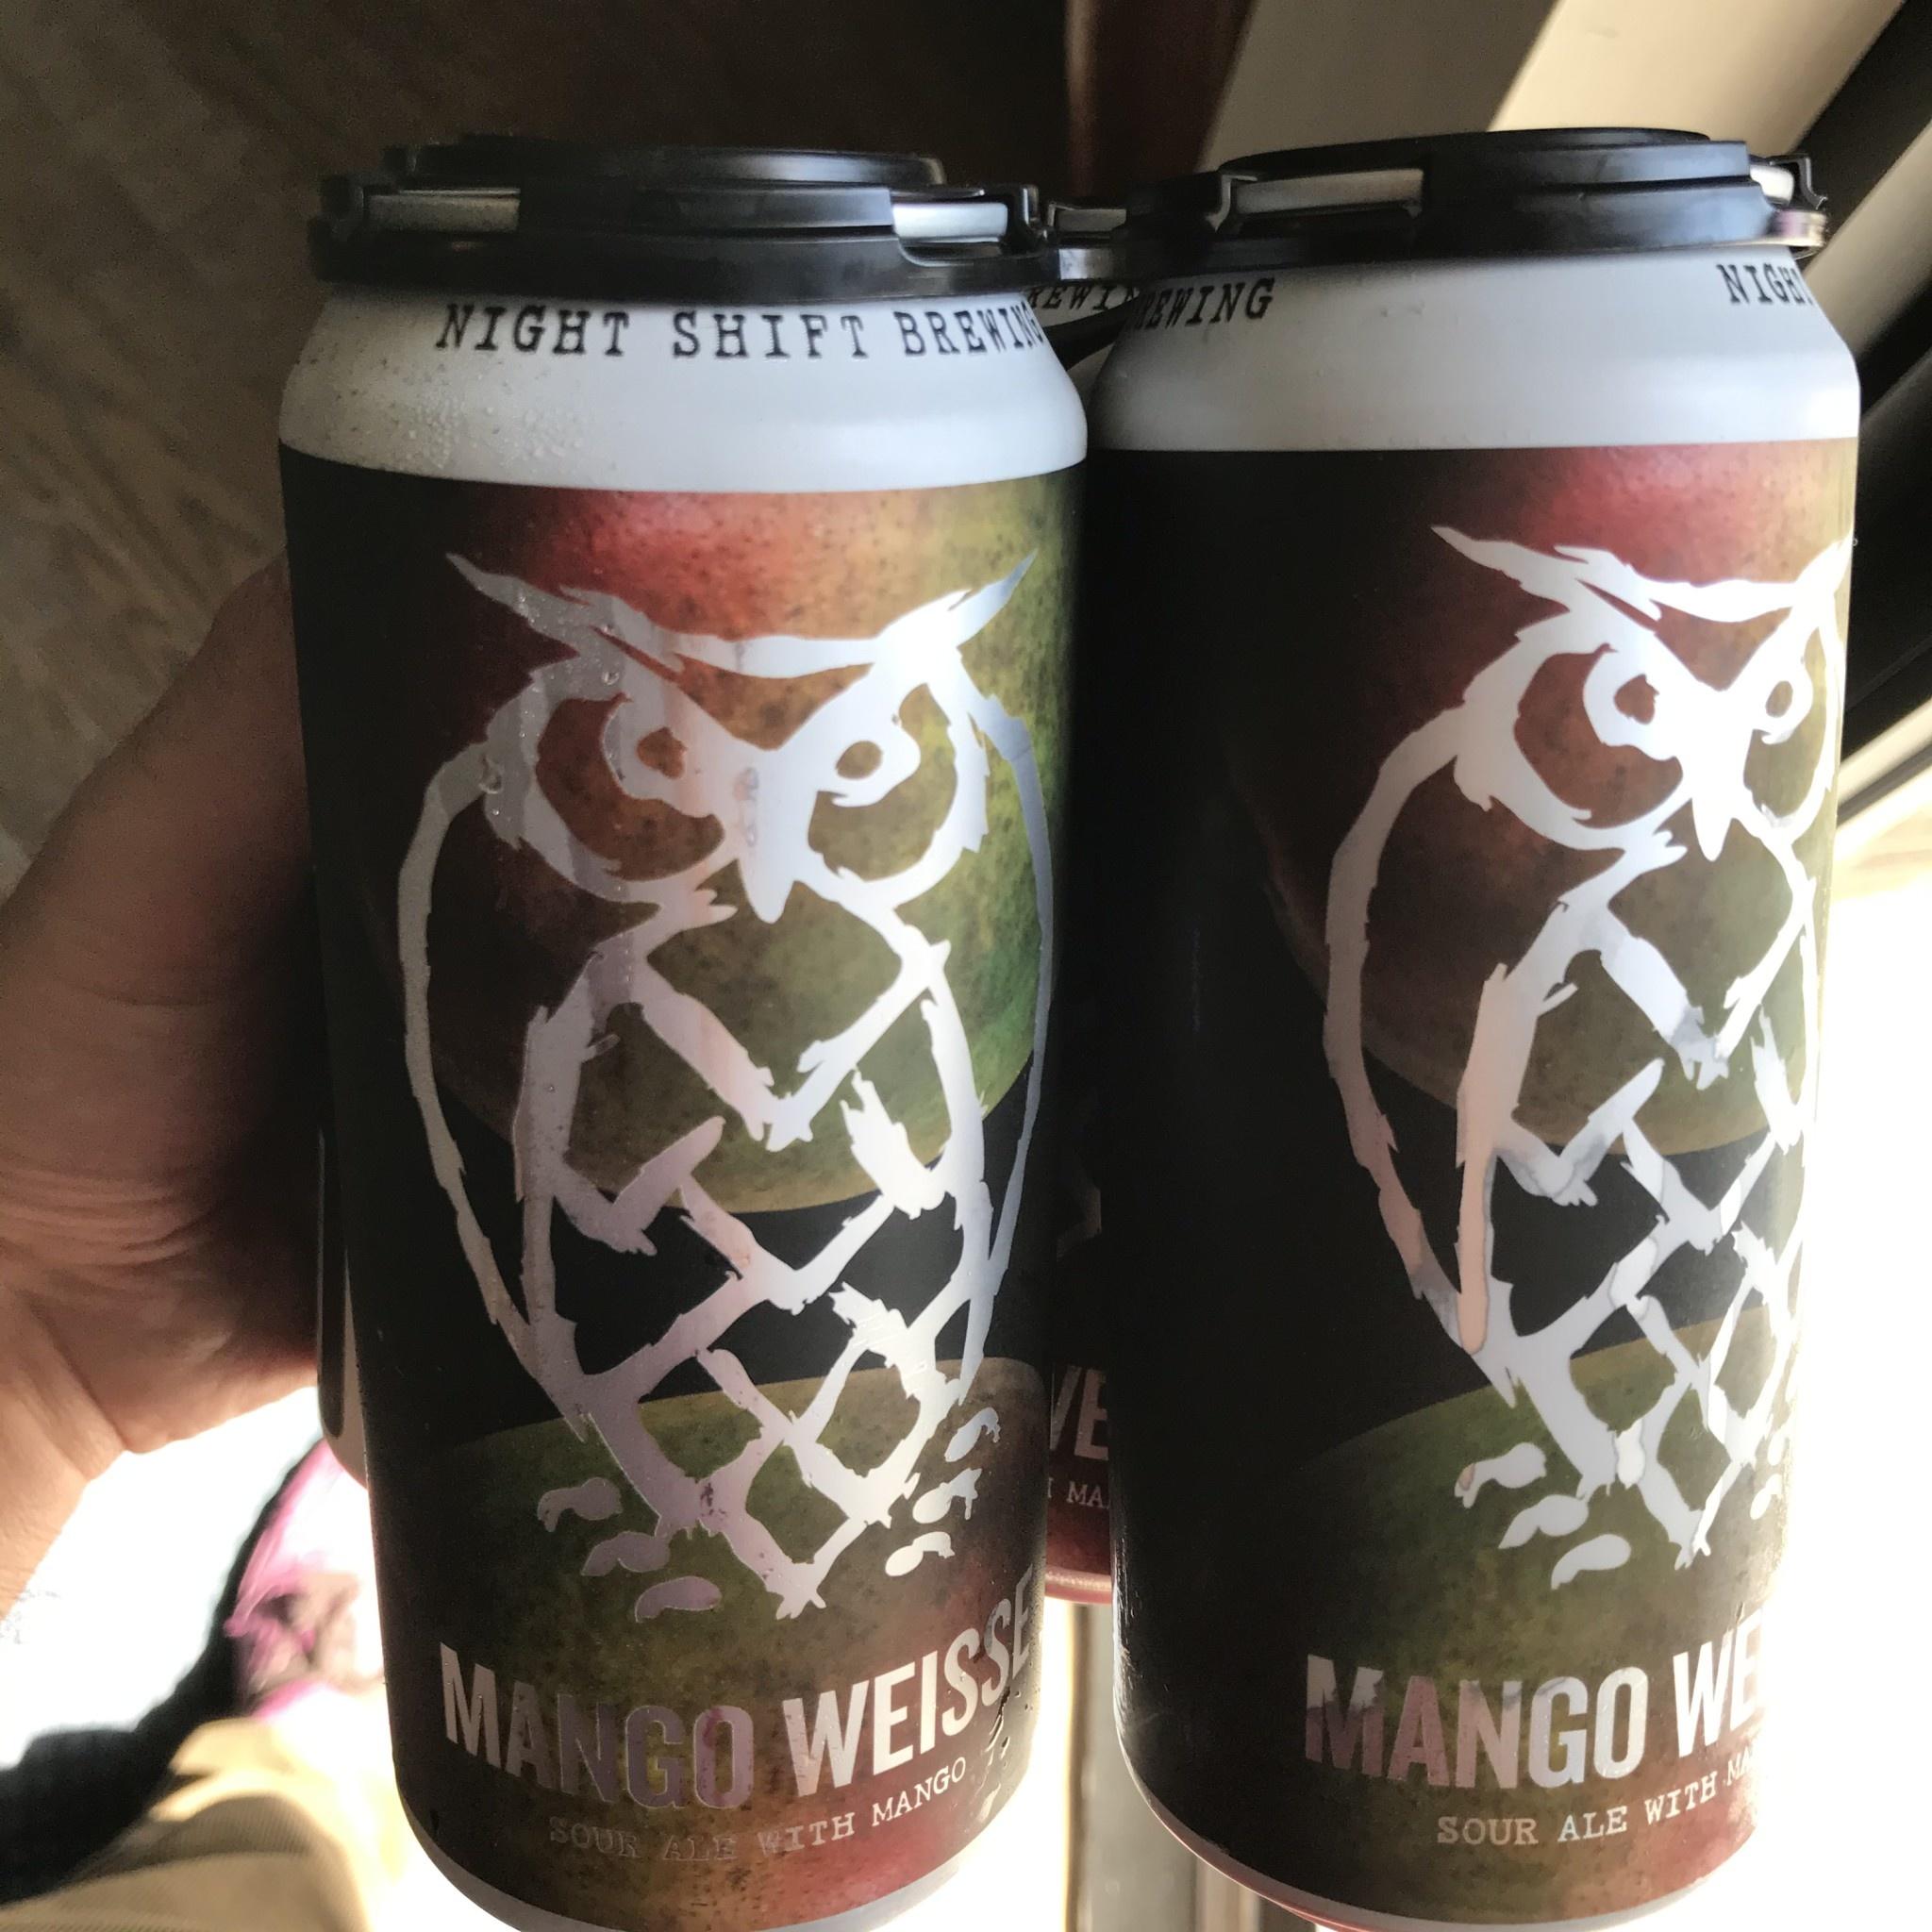 USA Night Shift Mango Weisse 4pk